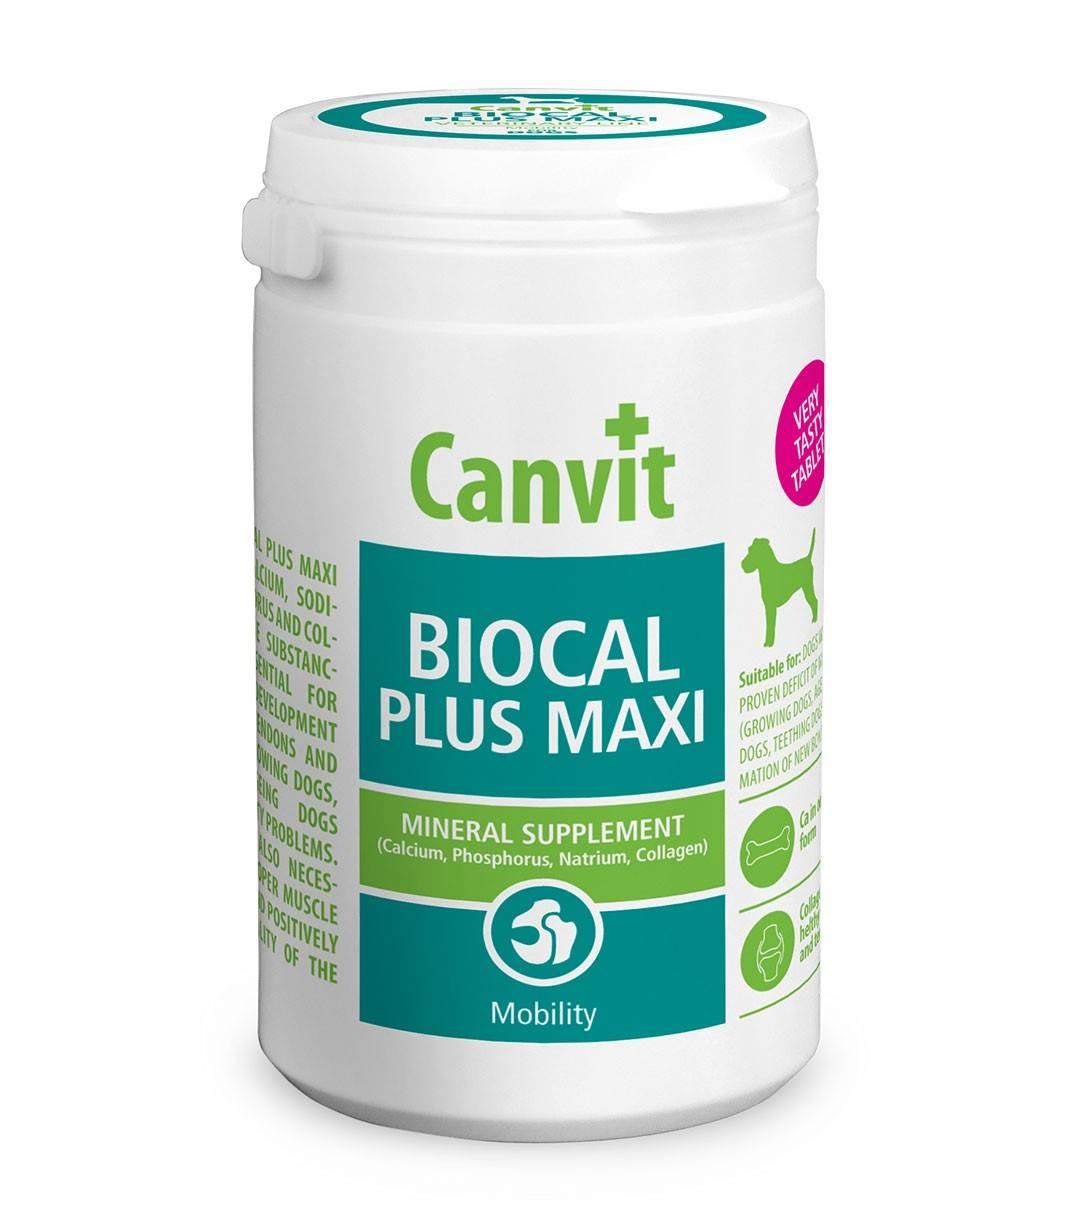 CANVIT BIOCAL PLUS MAXI – комплекс минералов и коллагена для собак больших пород